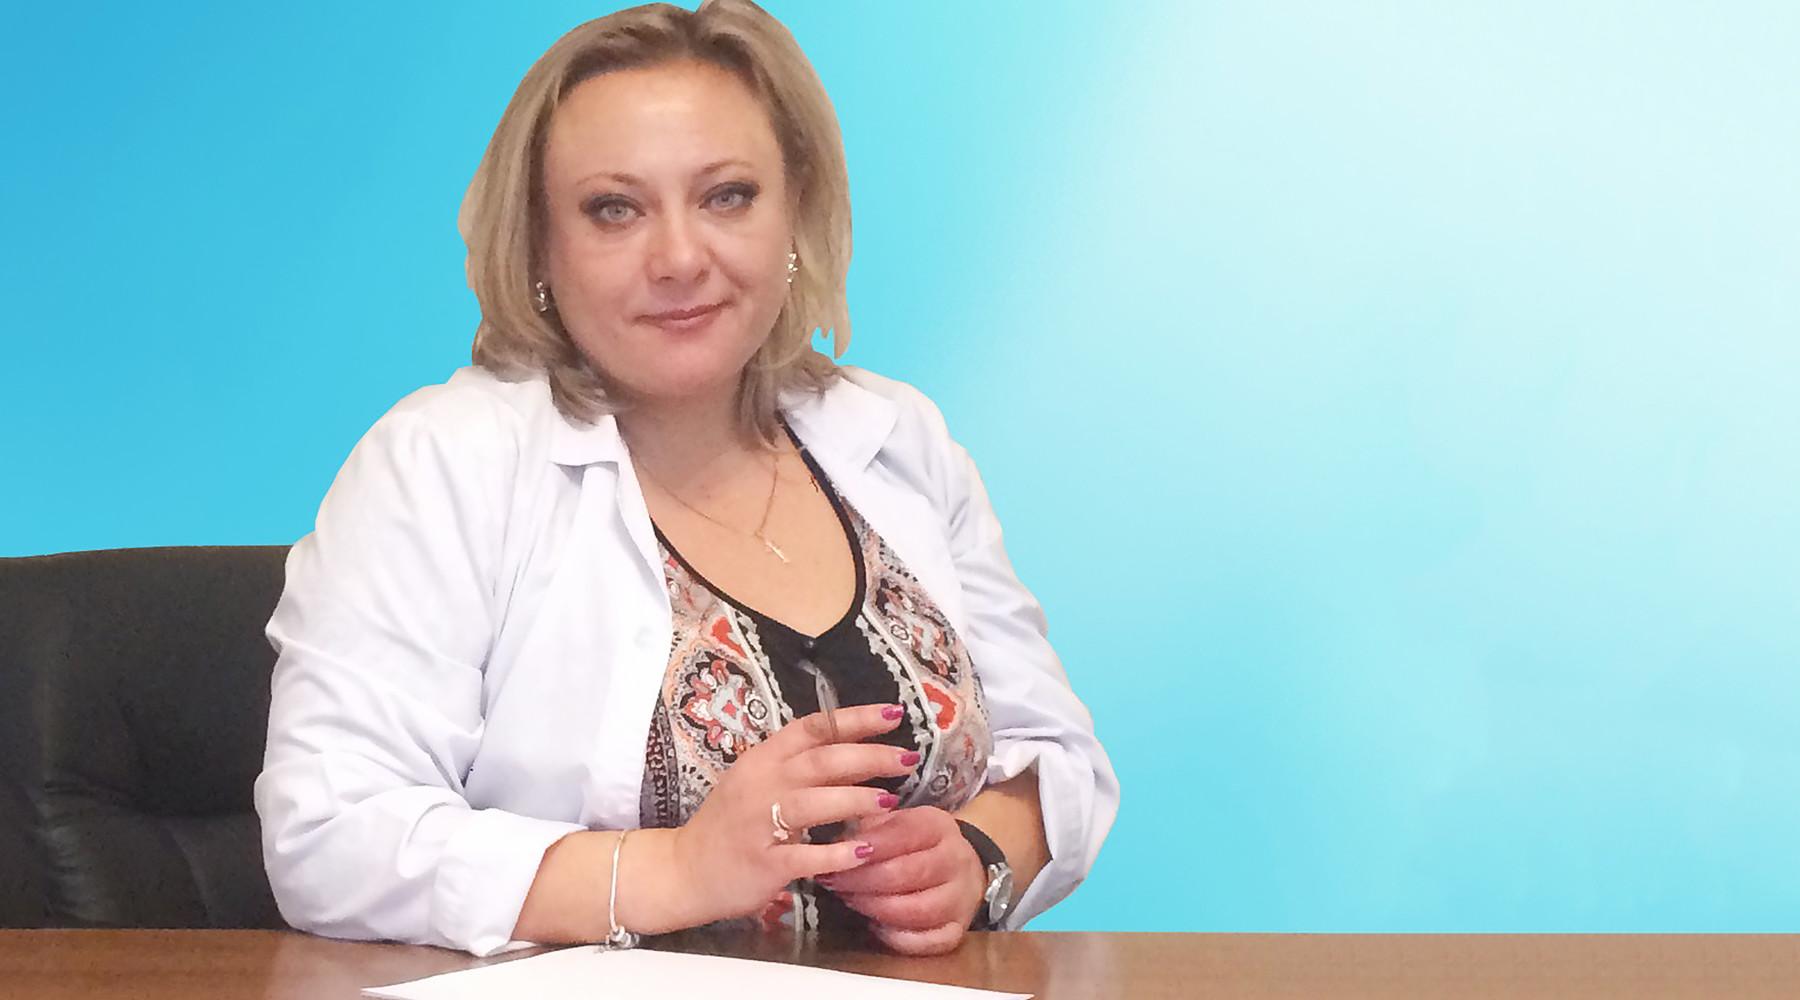 «Актёр вёл дневник чувств»: СК допросил директора клиники, в которой лечился Дмитрий Марьянов - «Россия»